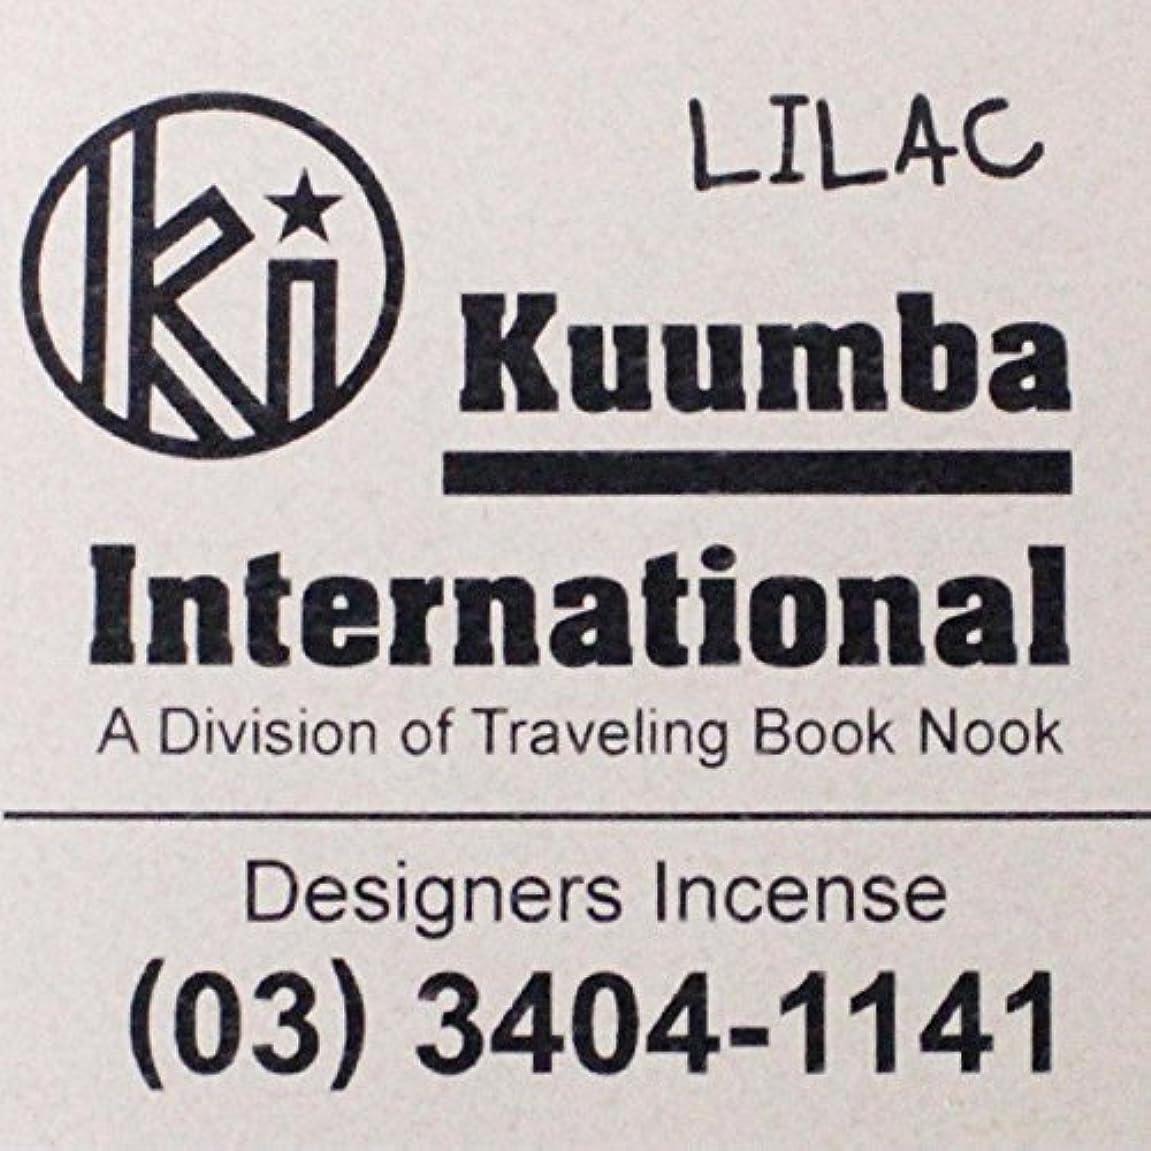 愛されし者に応じて支店(クンバ) KUUMBA『incense』(LILAC) (Regular size)